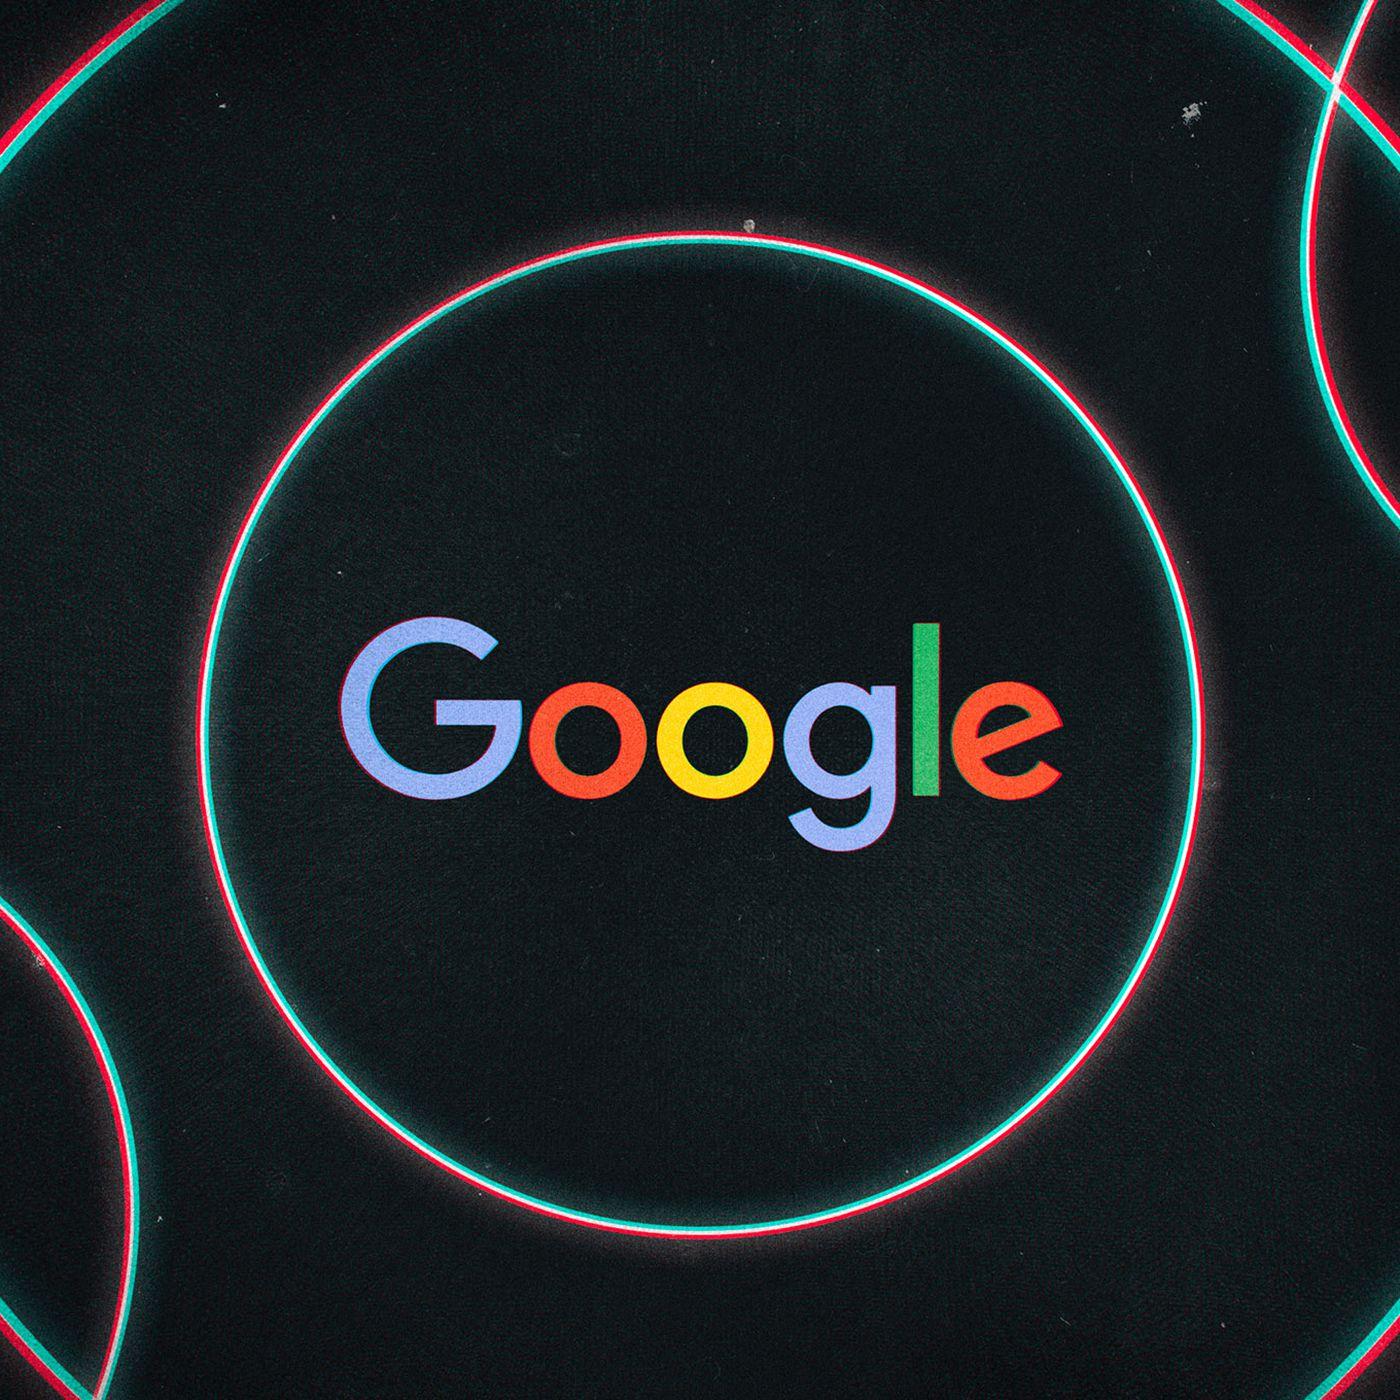 Google rafforza sicurezza e trasparenza nel suo Play Store a tutela degli utenti